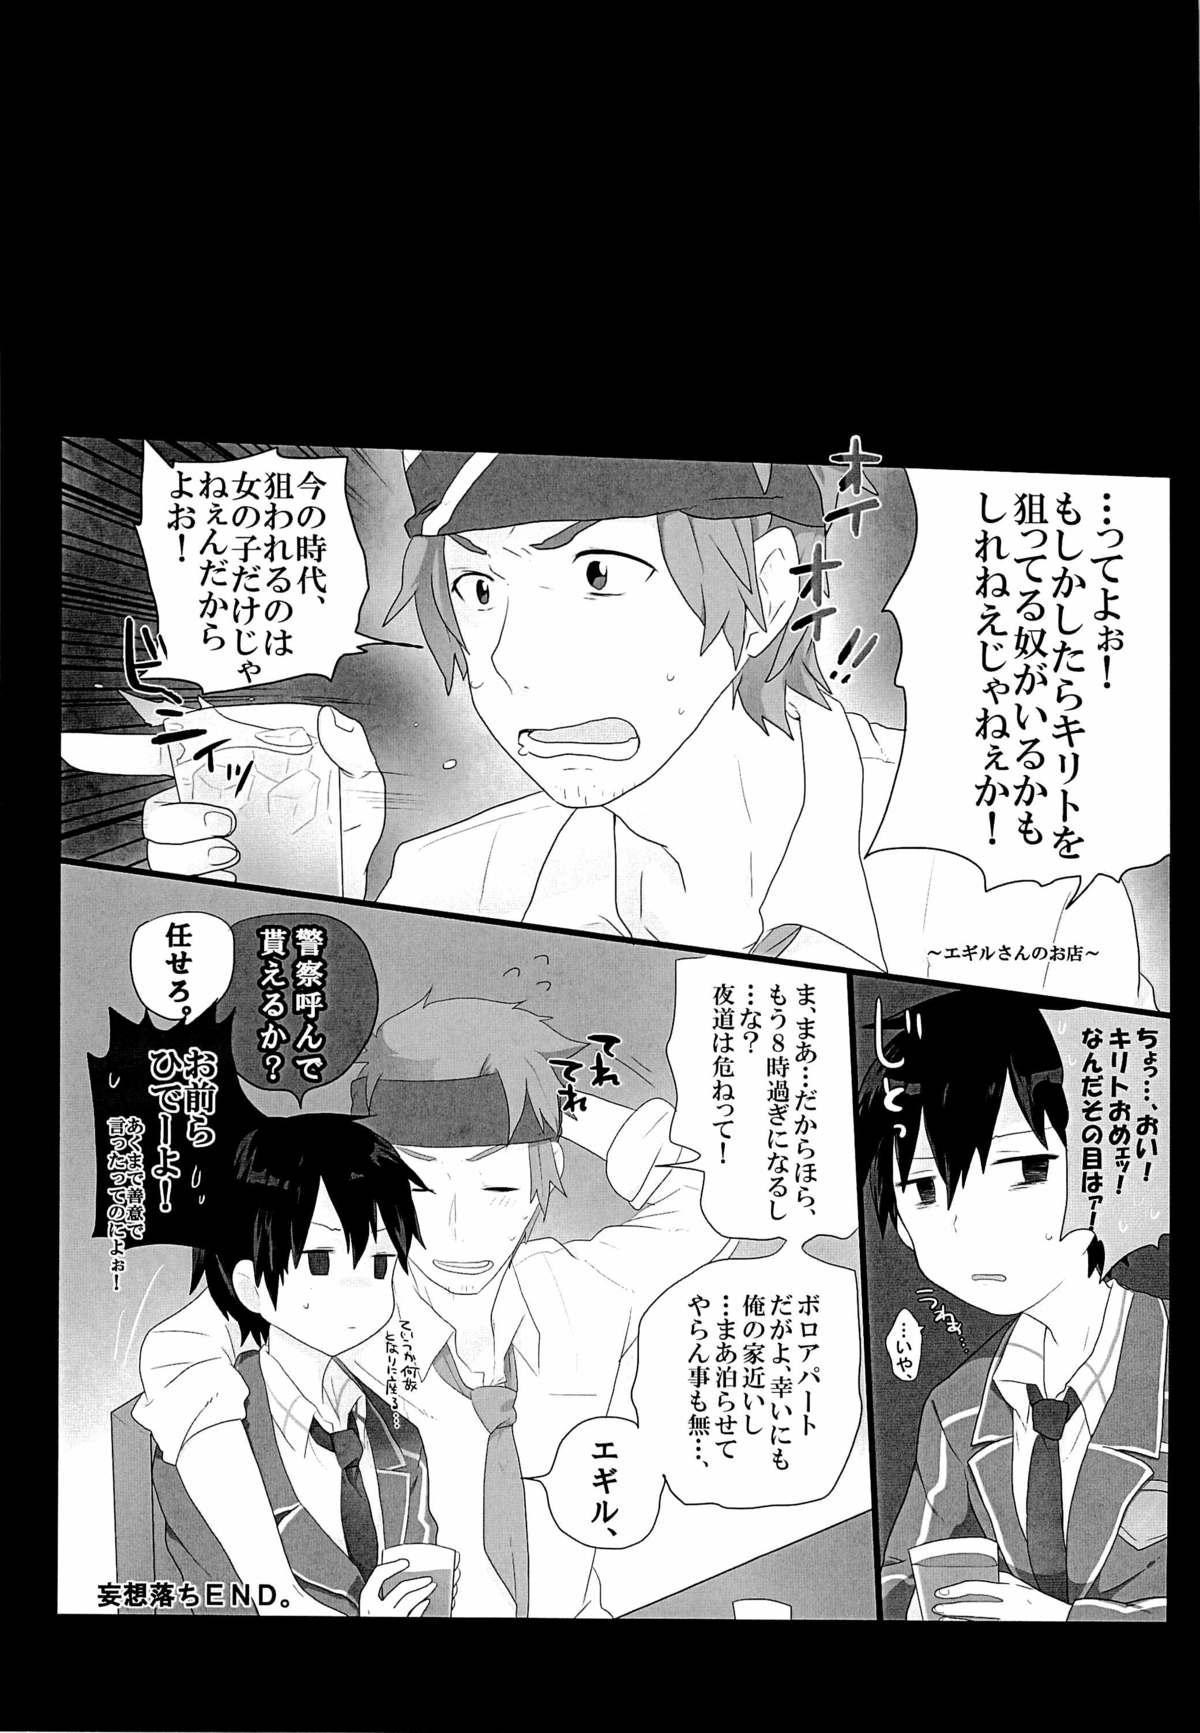 Kuro no Kenshi o Zenryoku de Kouryaku Shitai! 13